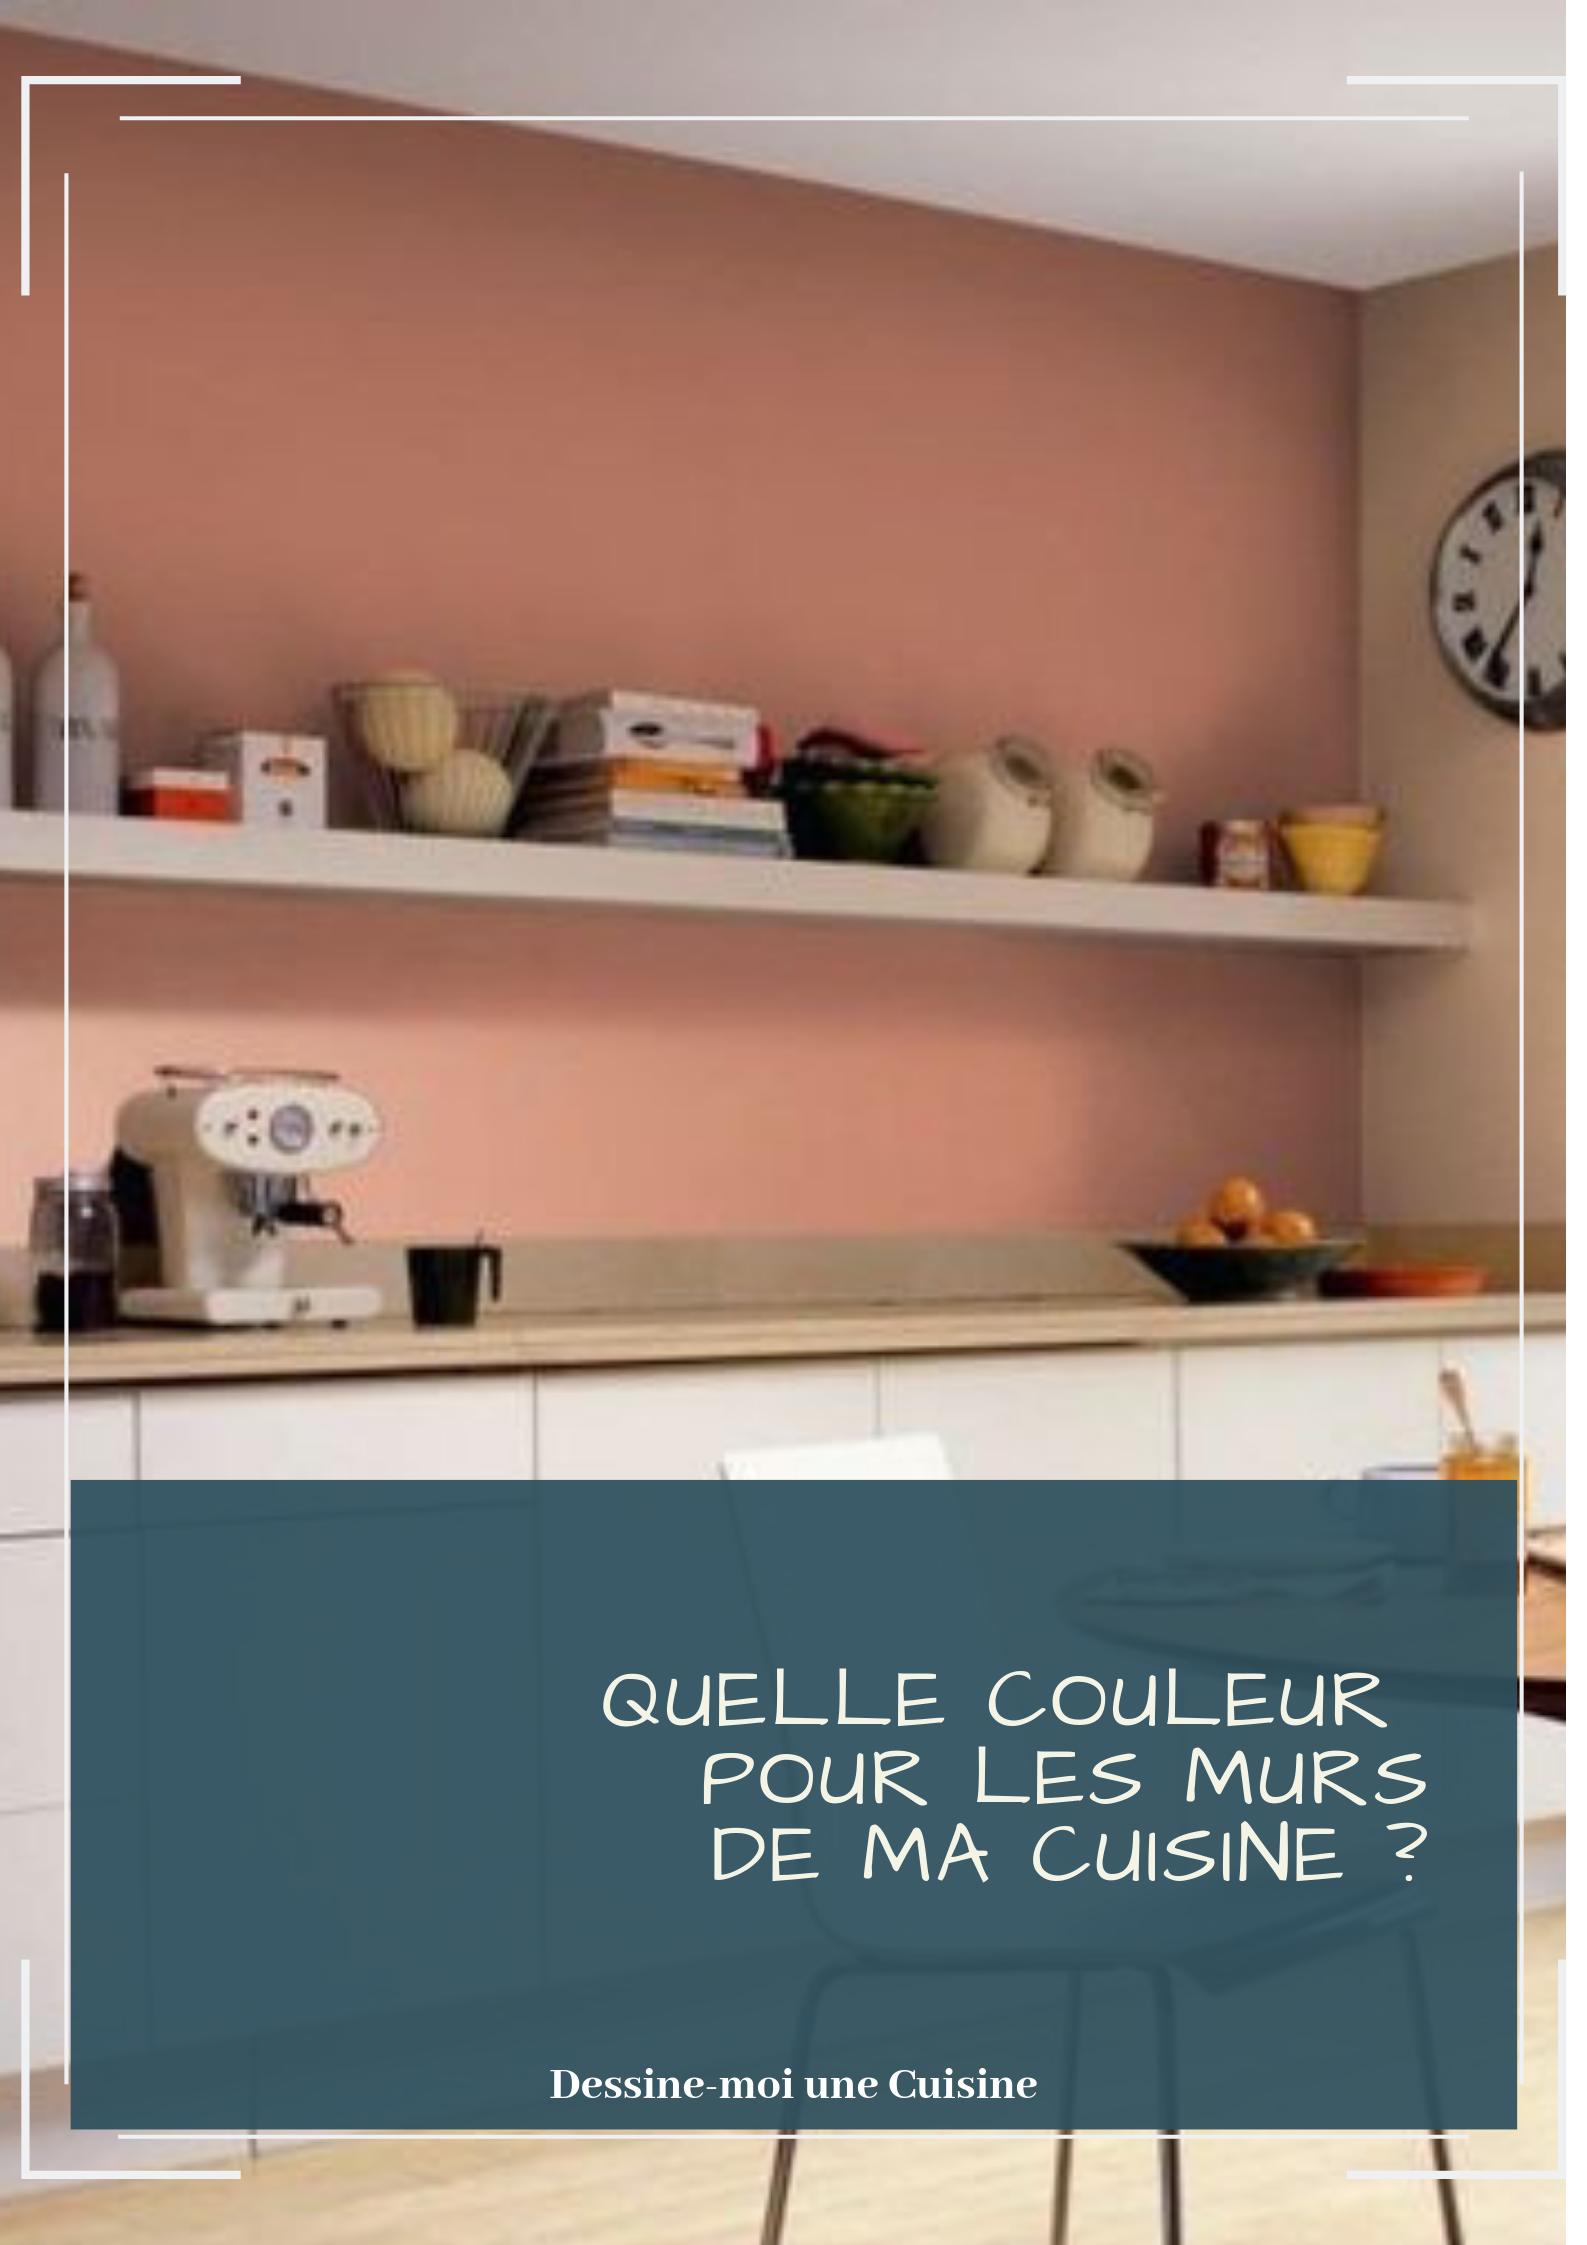 Quelle couleur pour les murs de ma cuisine ?  Couleur cuisine